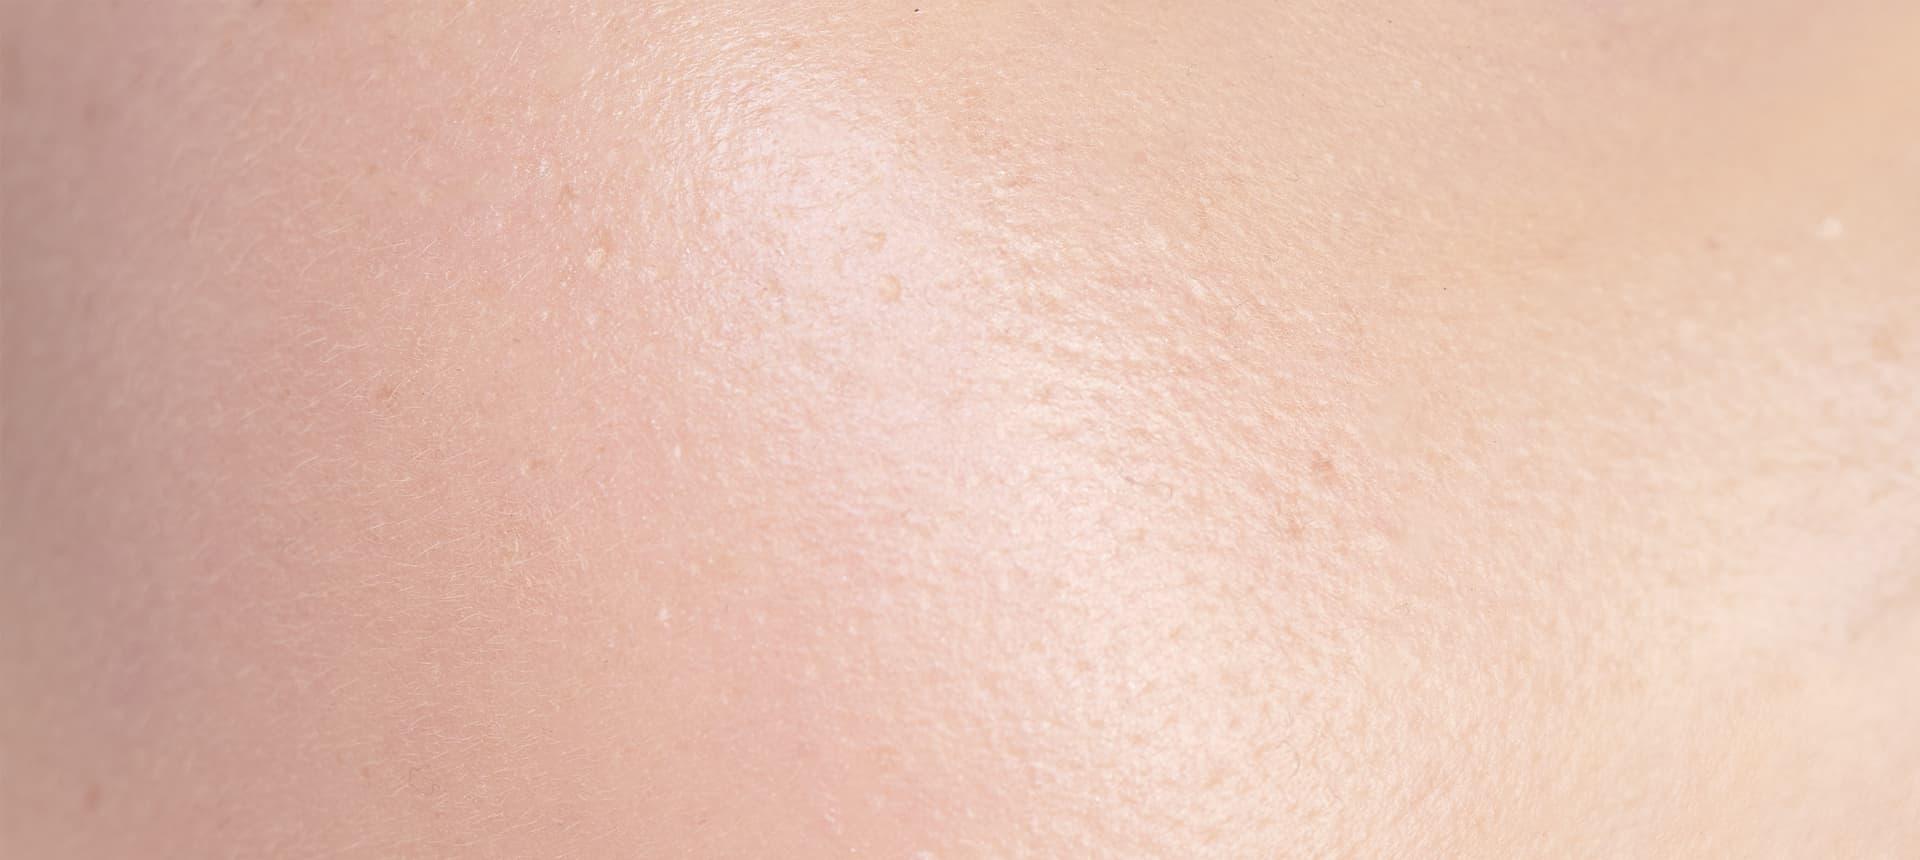 Impactos do Exposoma: Os efeitos na pele